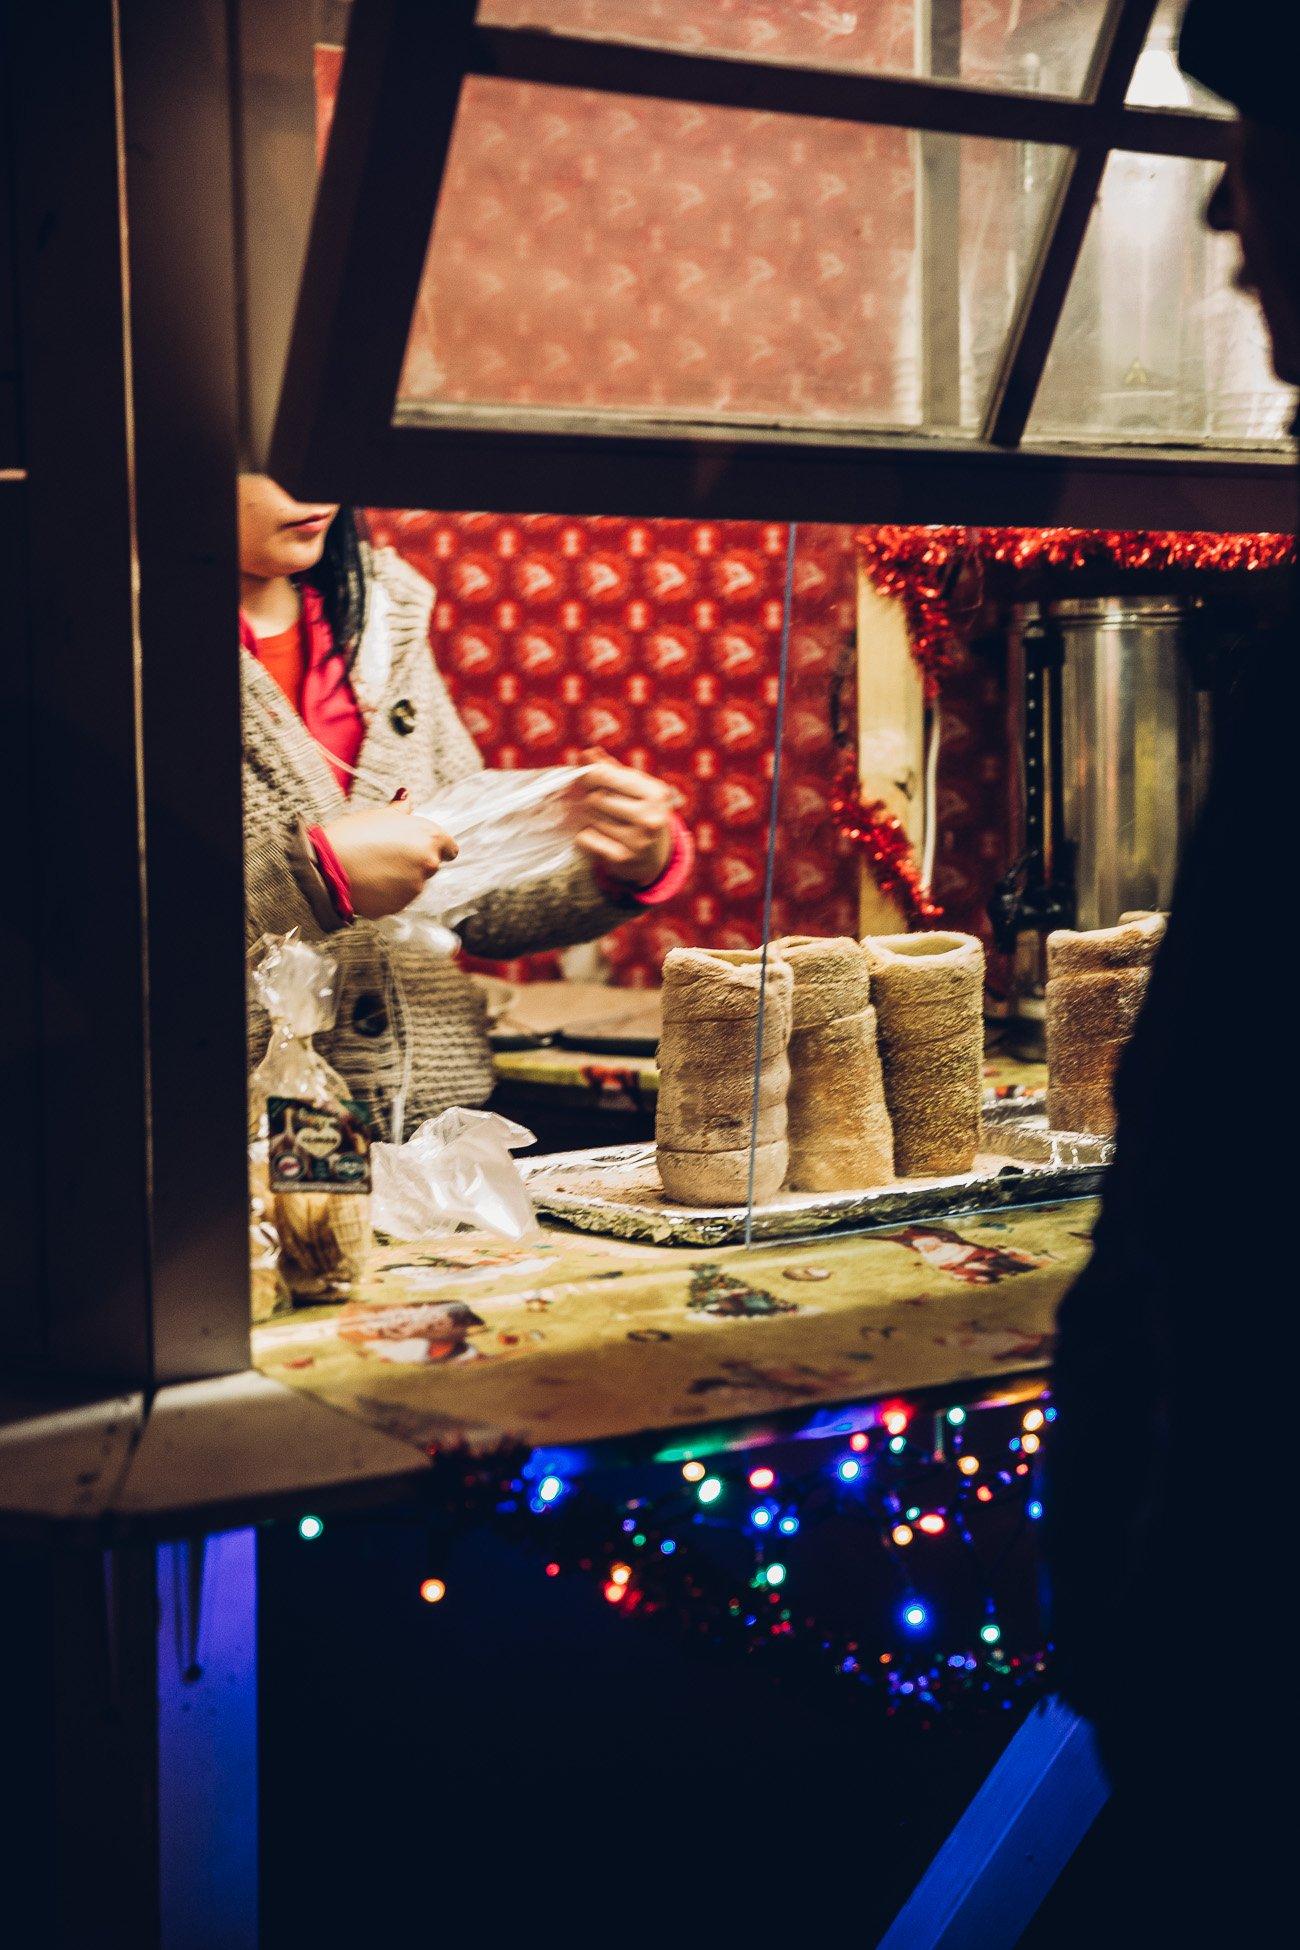 Trdelník at Christmas market Hviezdoslavovo námestie in Bratislava